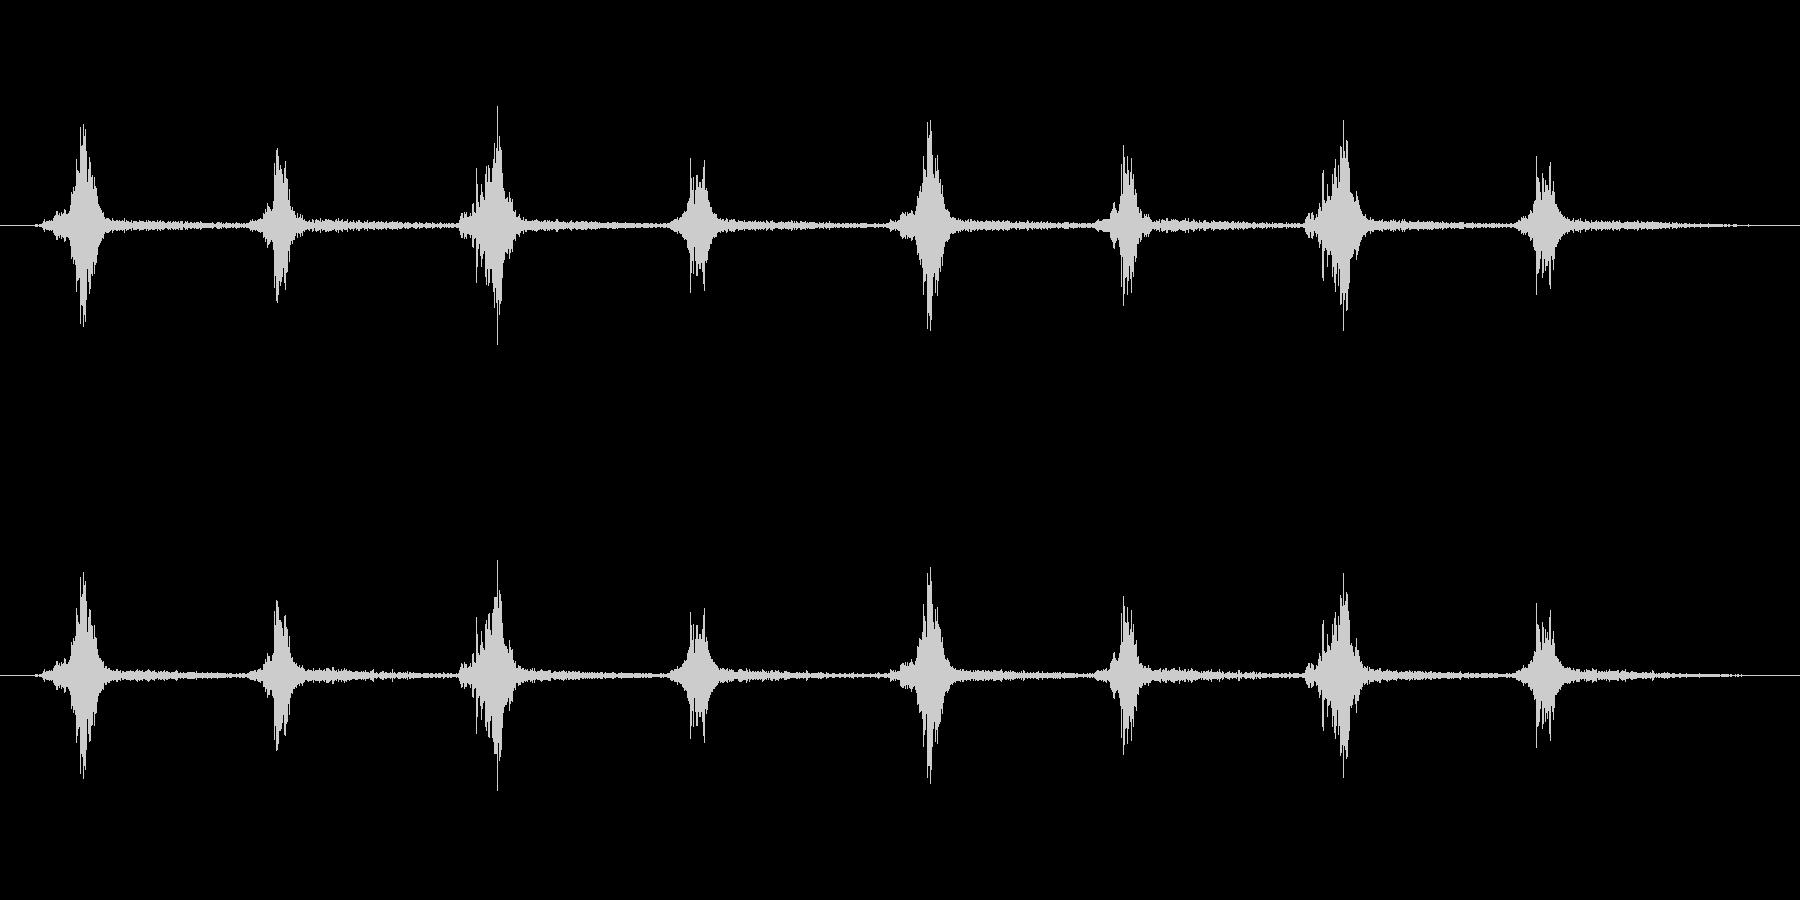 鎧を装備した足音の未再生の波形